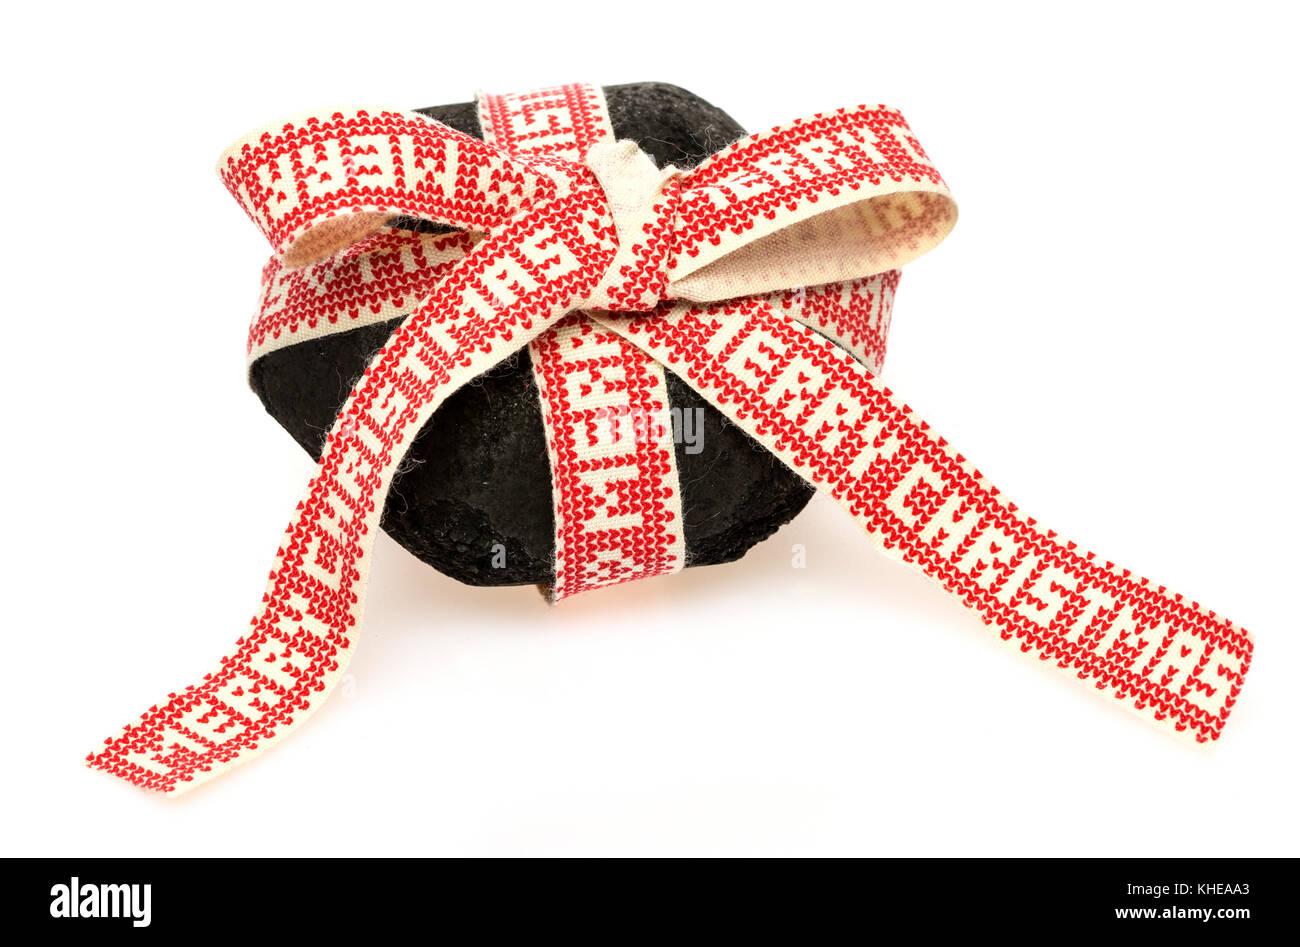 Un morceau de charbon enveloppés pour un cadeau de Noël Photo Stock